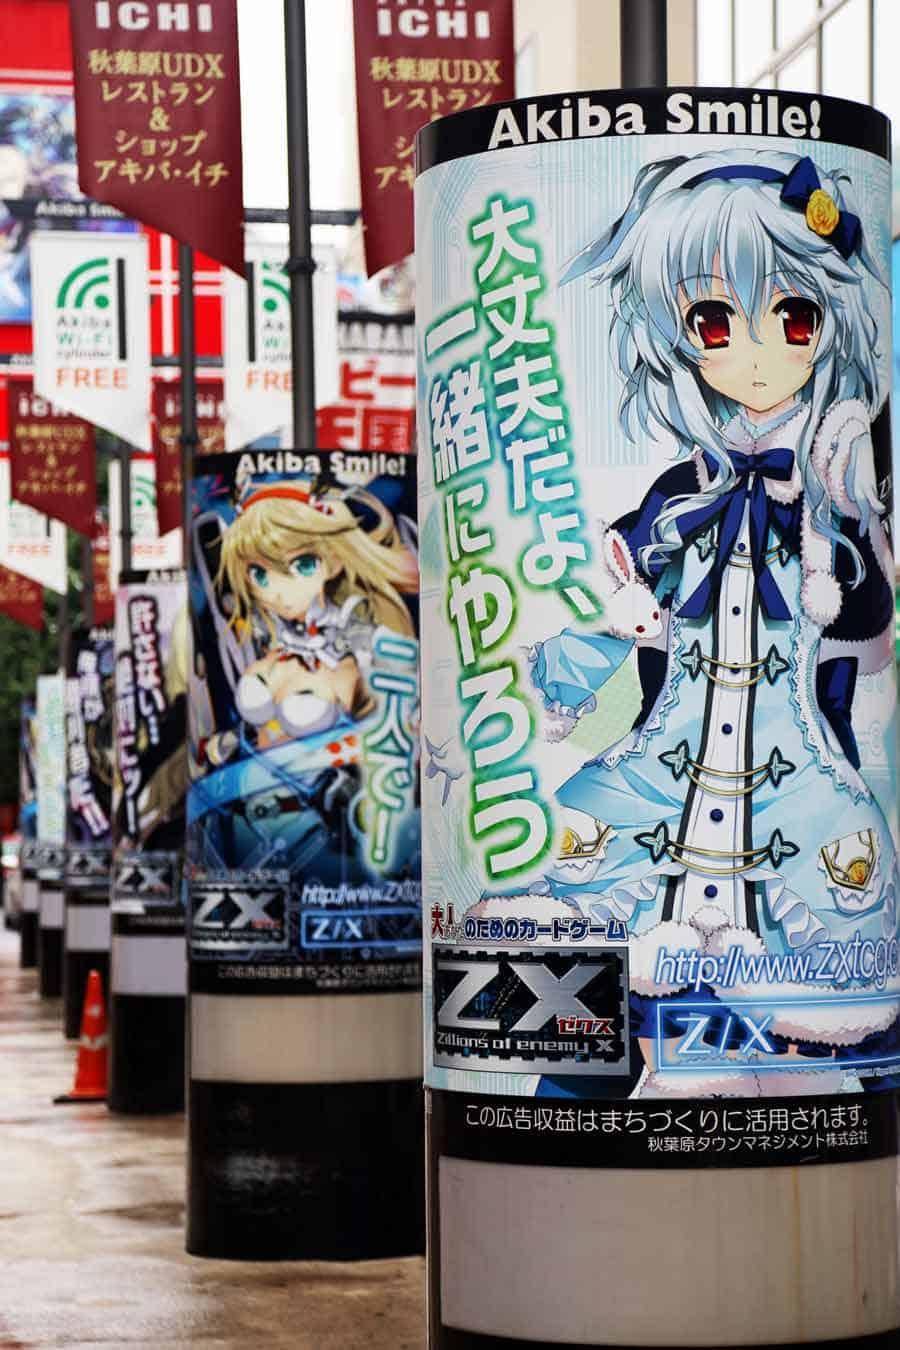 Anime billboards Akihabara Tokyo